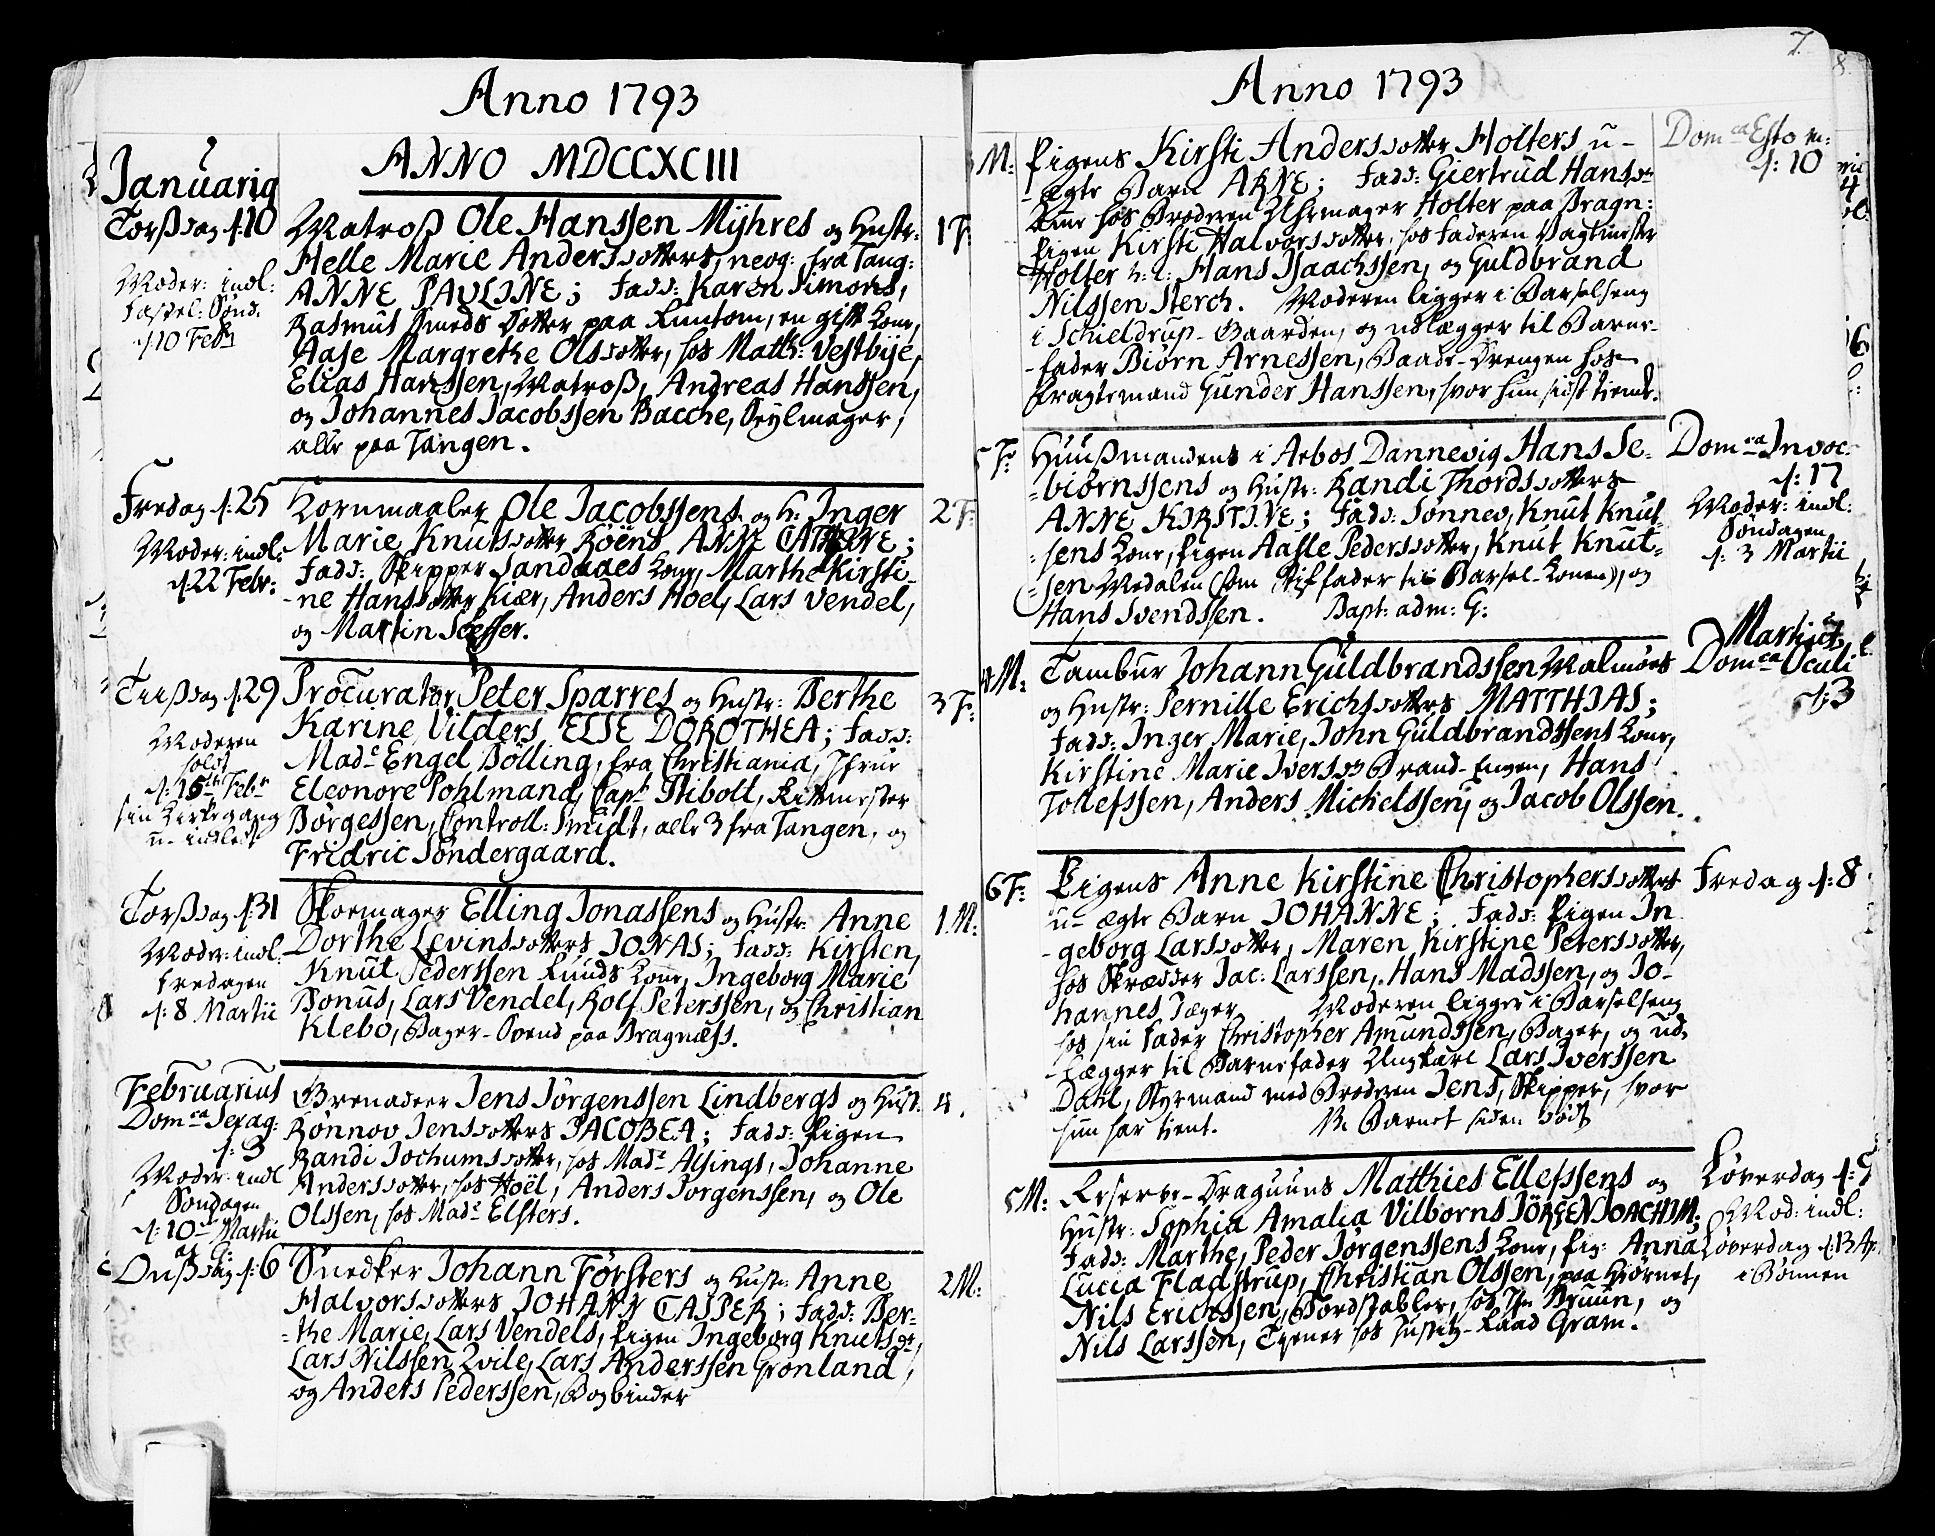 SAKO, Strømsø kirkebøker, F/Fa/L0010: Ministerialbok nr. I 10, 1792-1822, s. 7